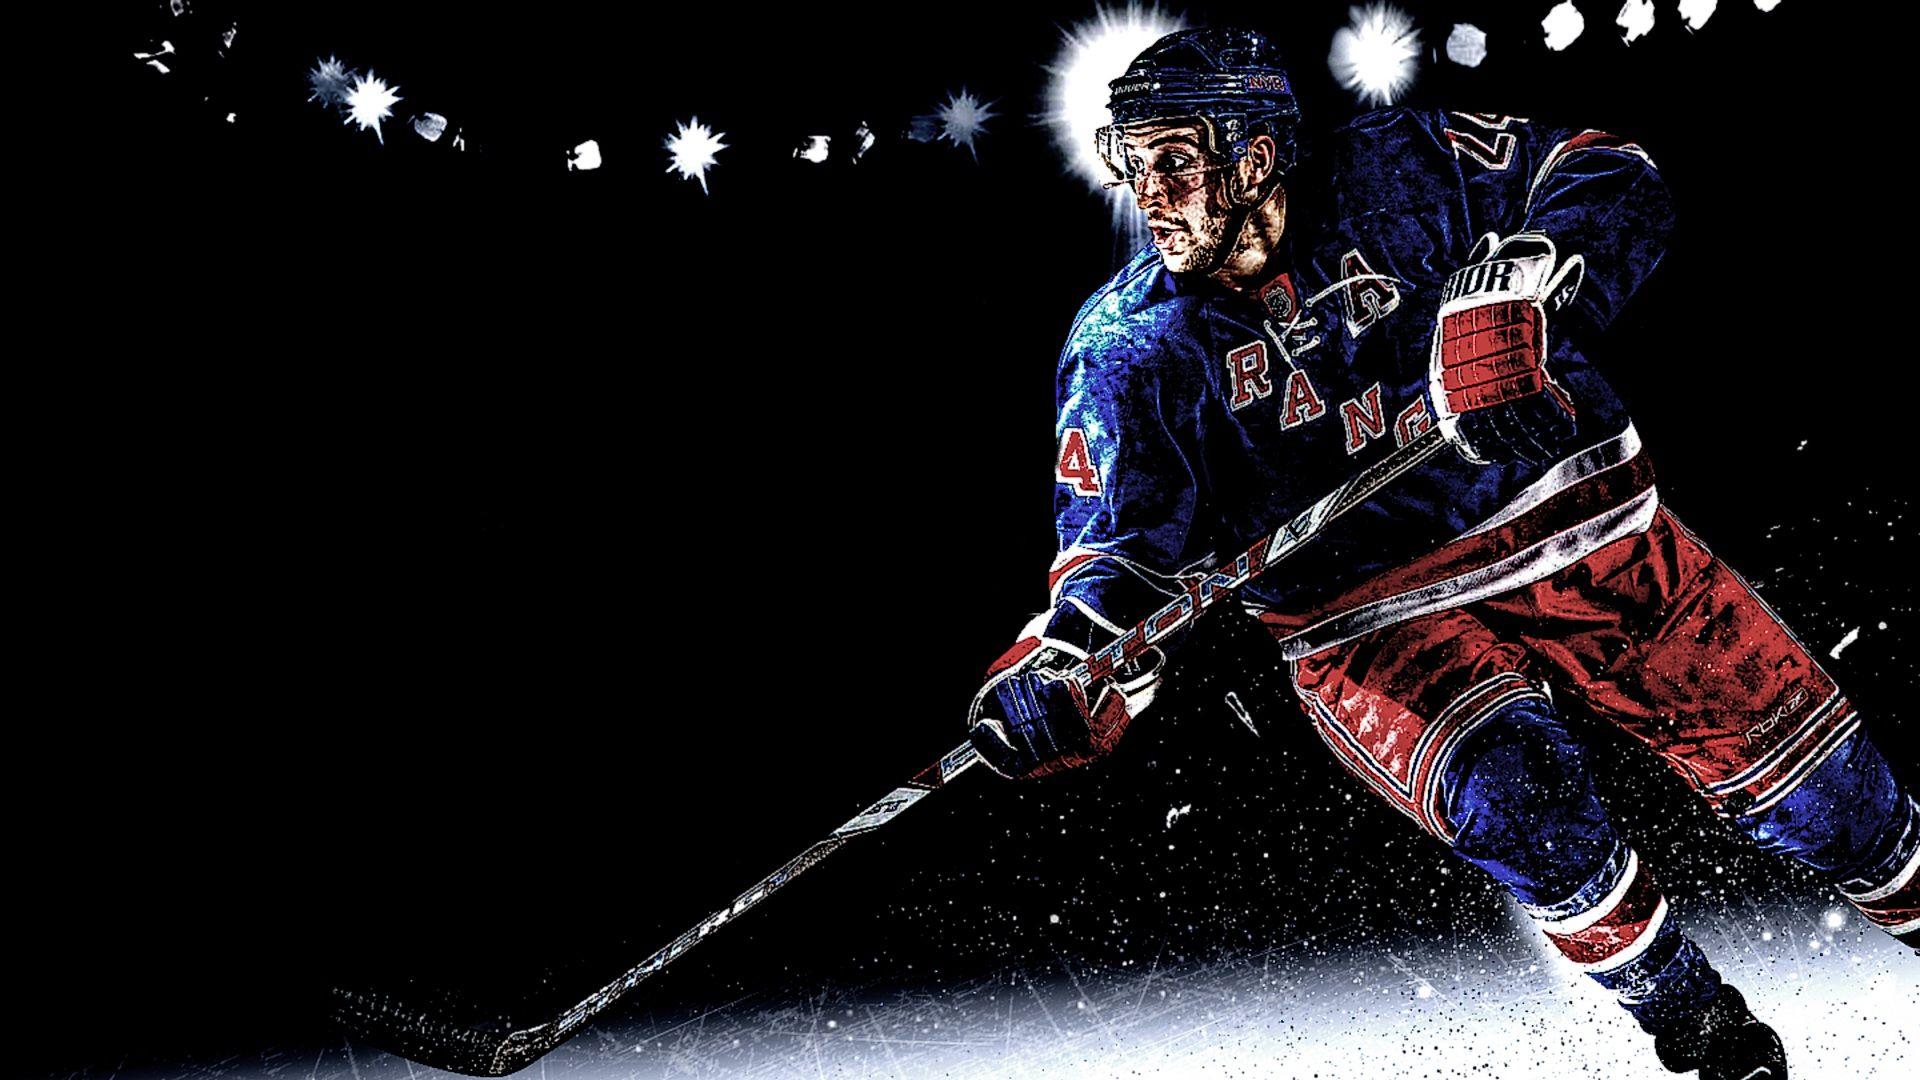 New York Rangers HD desktop wallpaper Widescreen High Хоккей